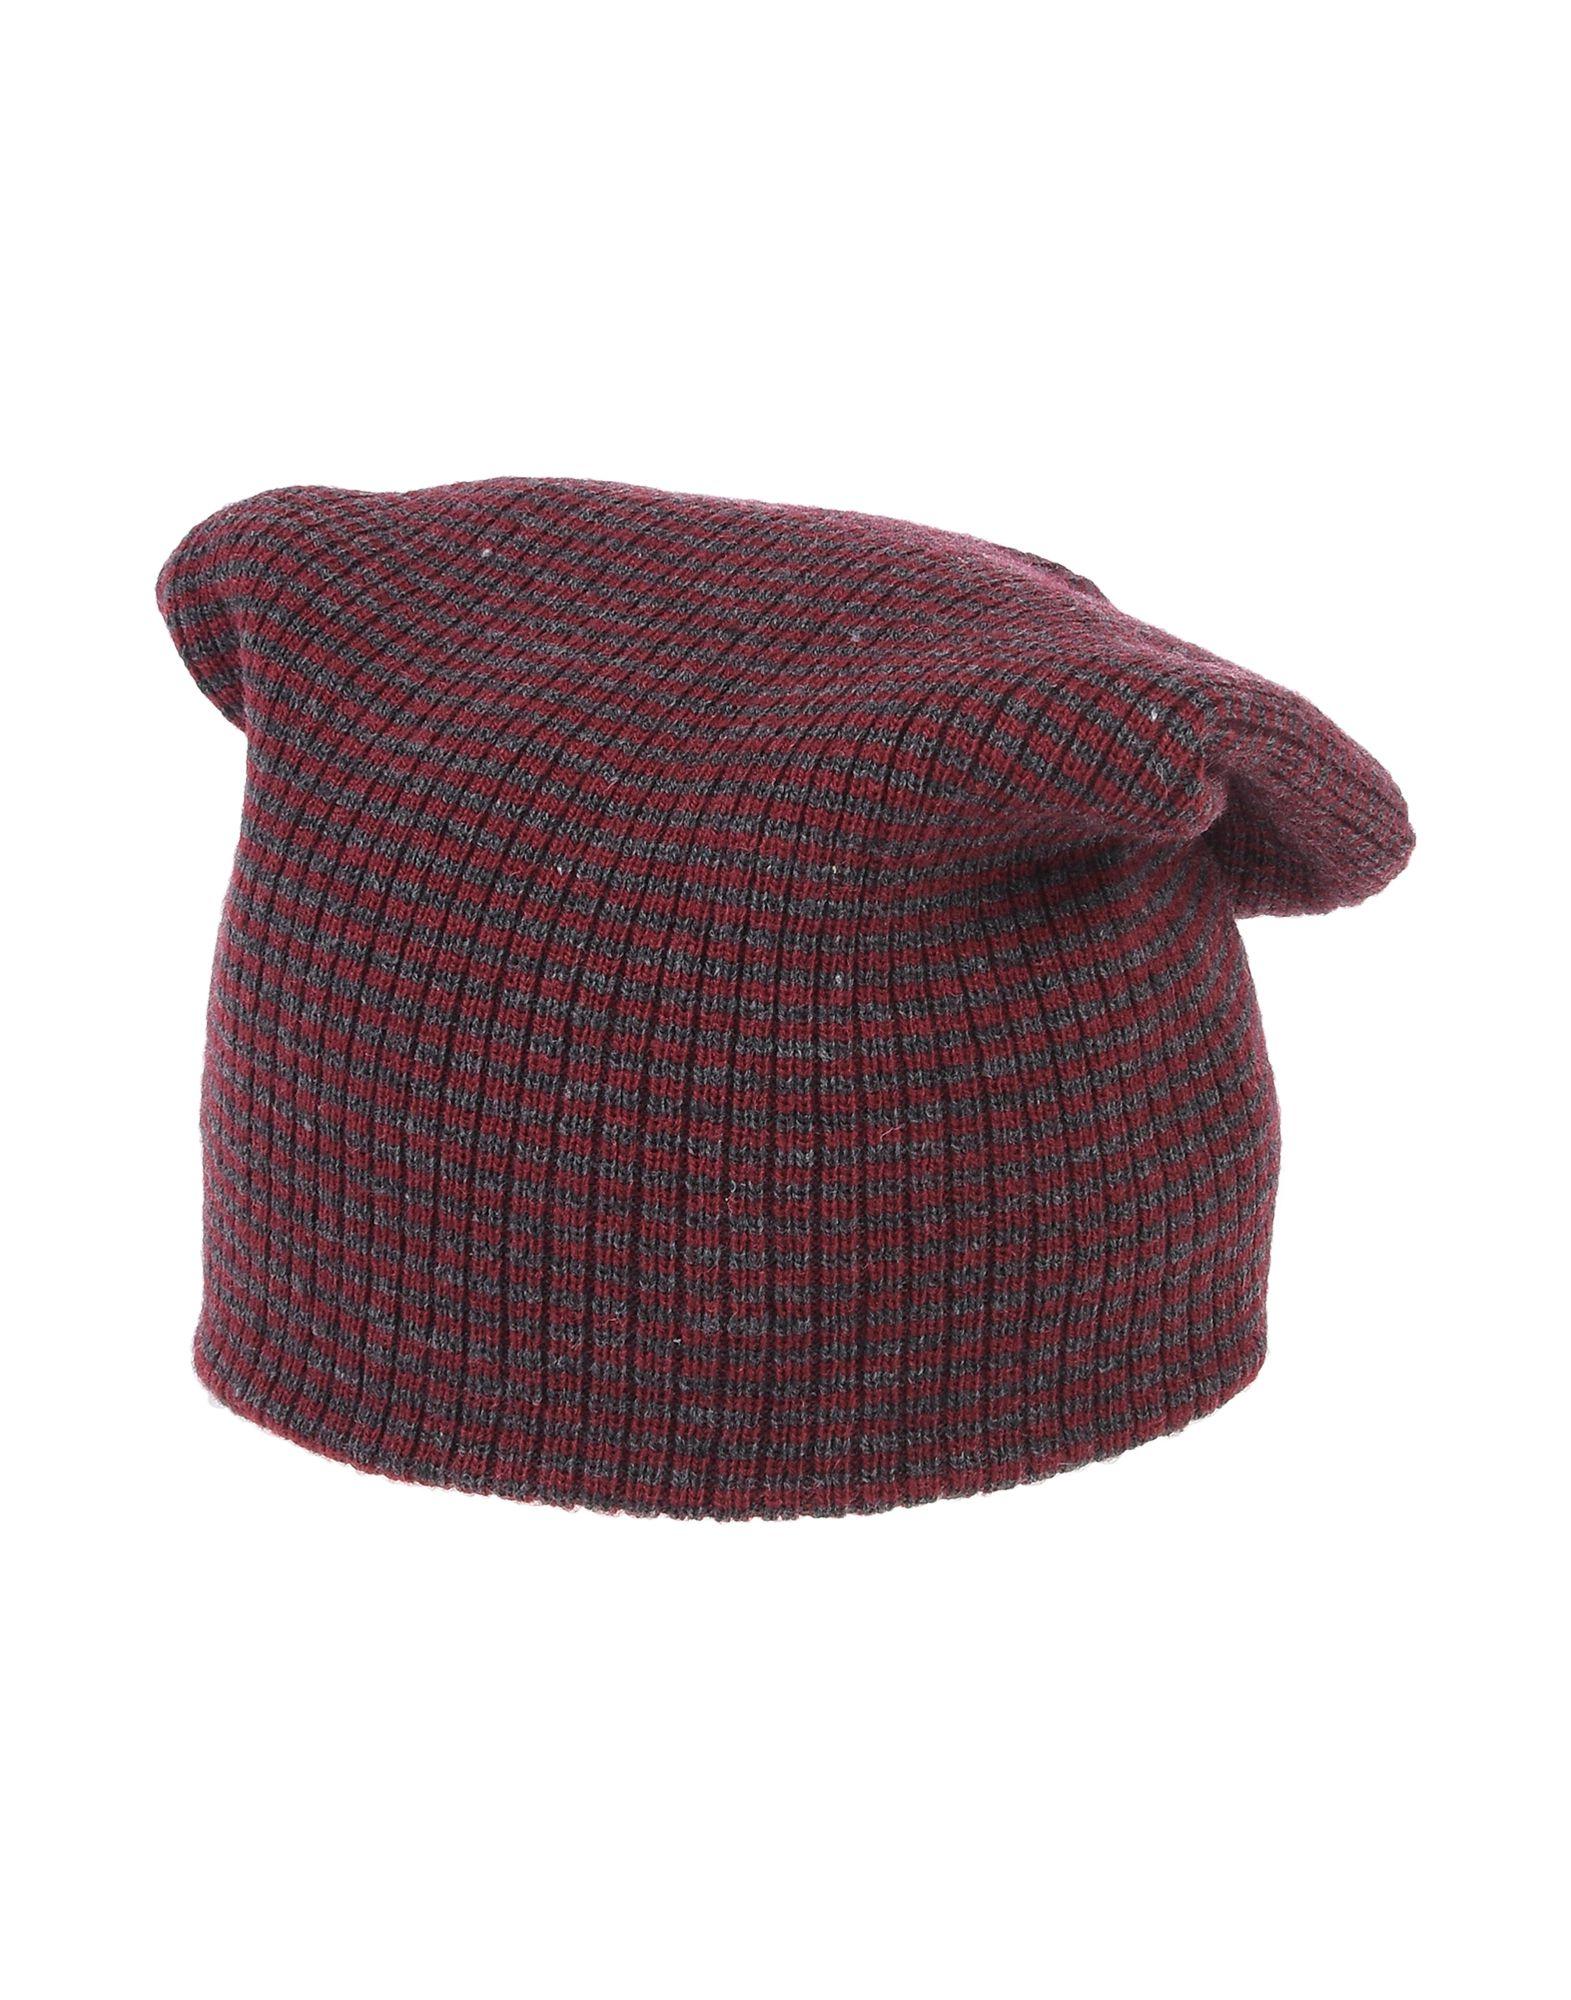 《送料無料》SARTORIA LEONI レディース 帽子 レッド one size アクリル 100%